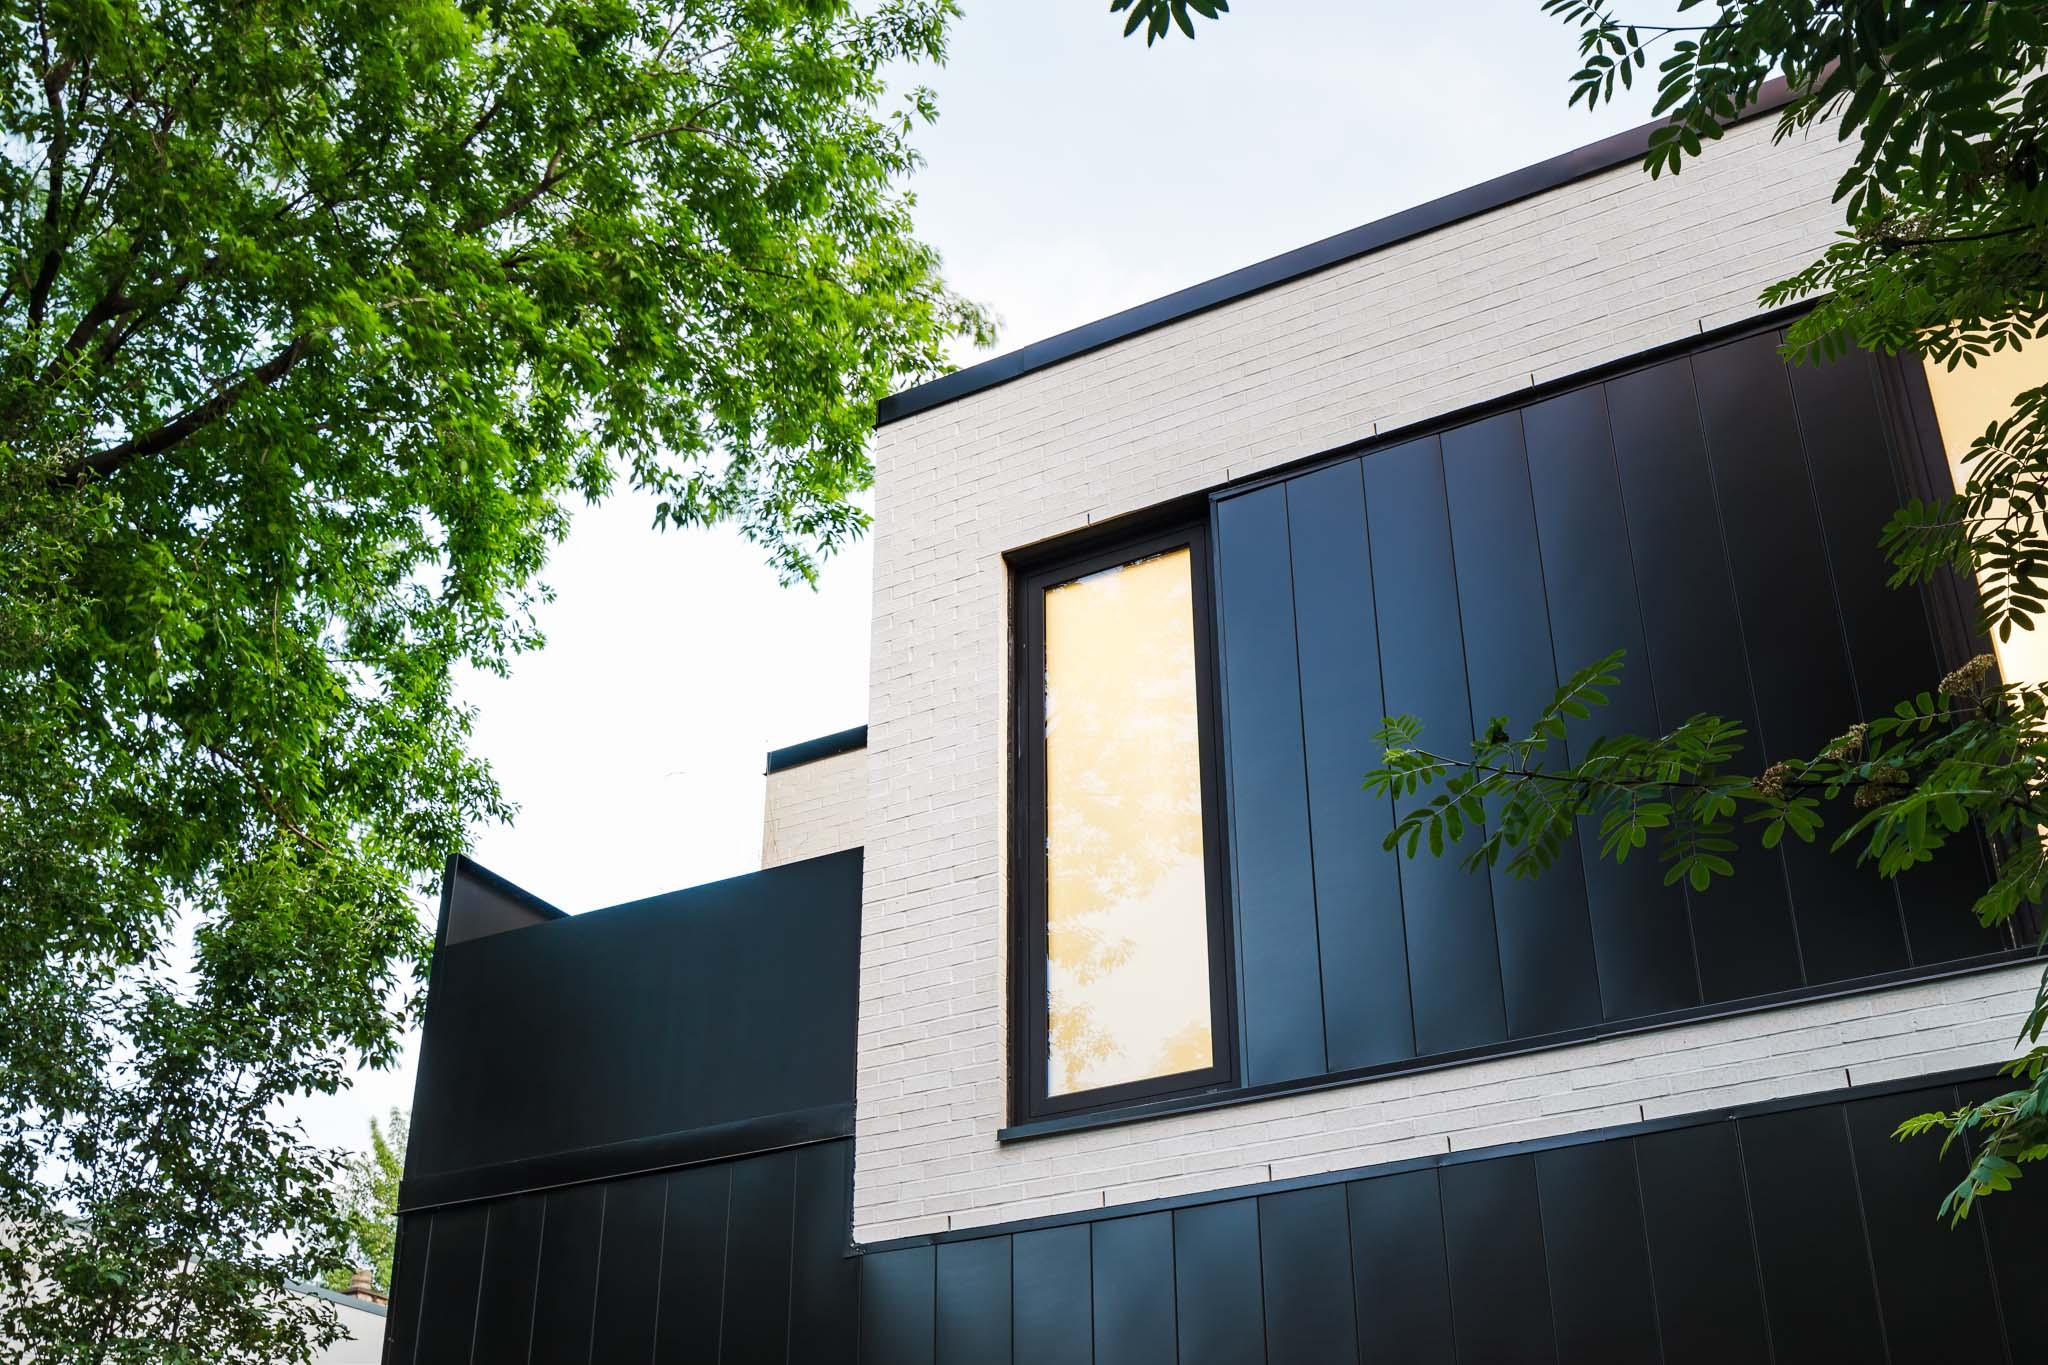 Ancien atelier transformé en duplex. Grande aire ouverte. Luminaire bleu de Simon Johns. Poutres apparentes. Plancher de béton poli. Porte de garage dans le salon.